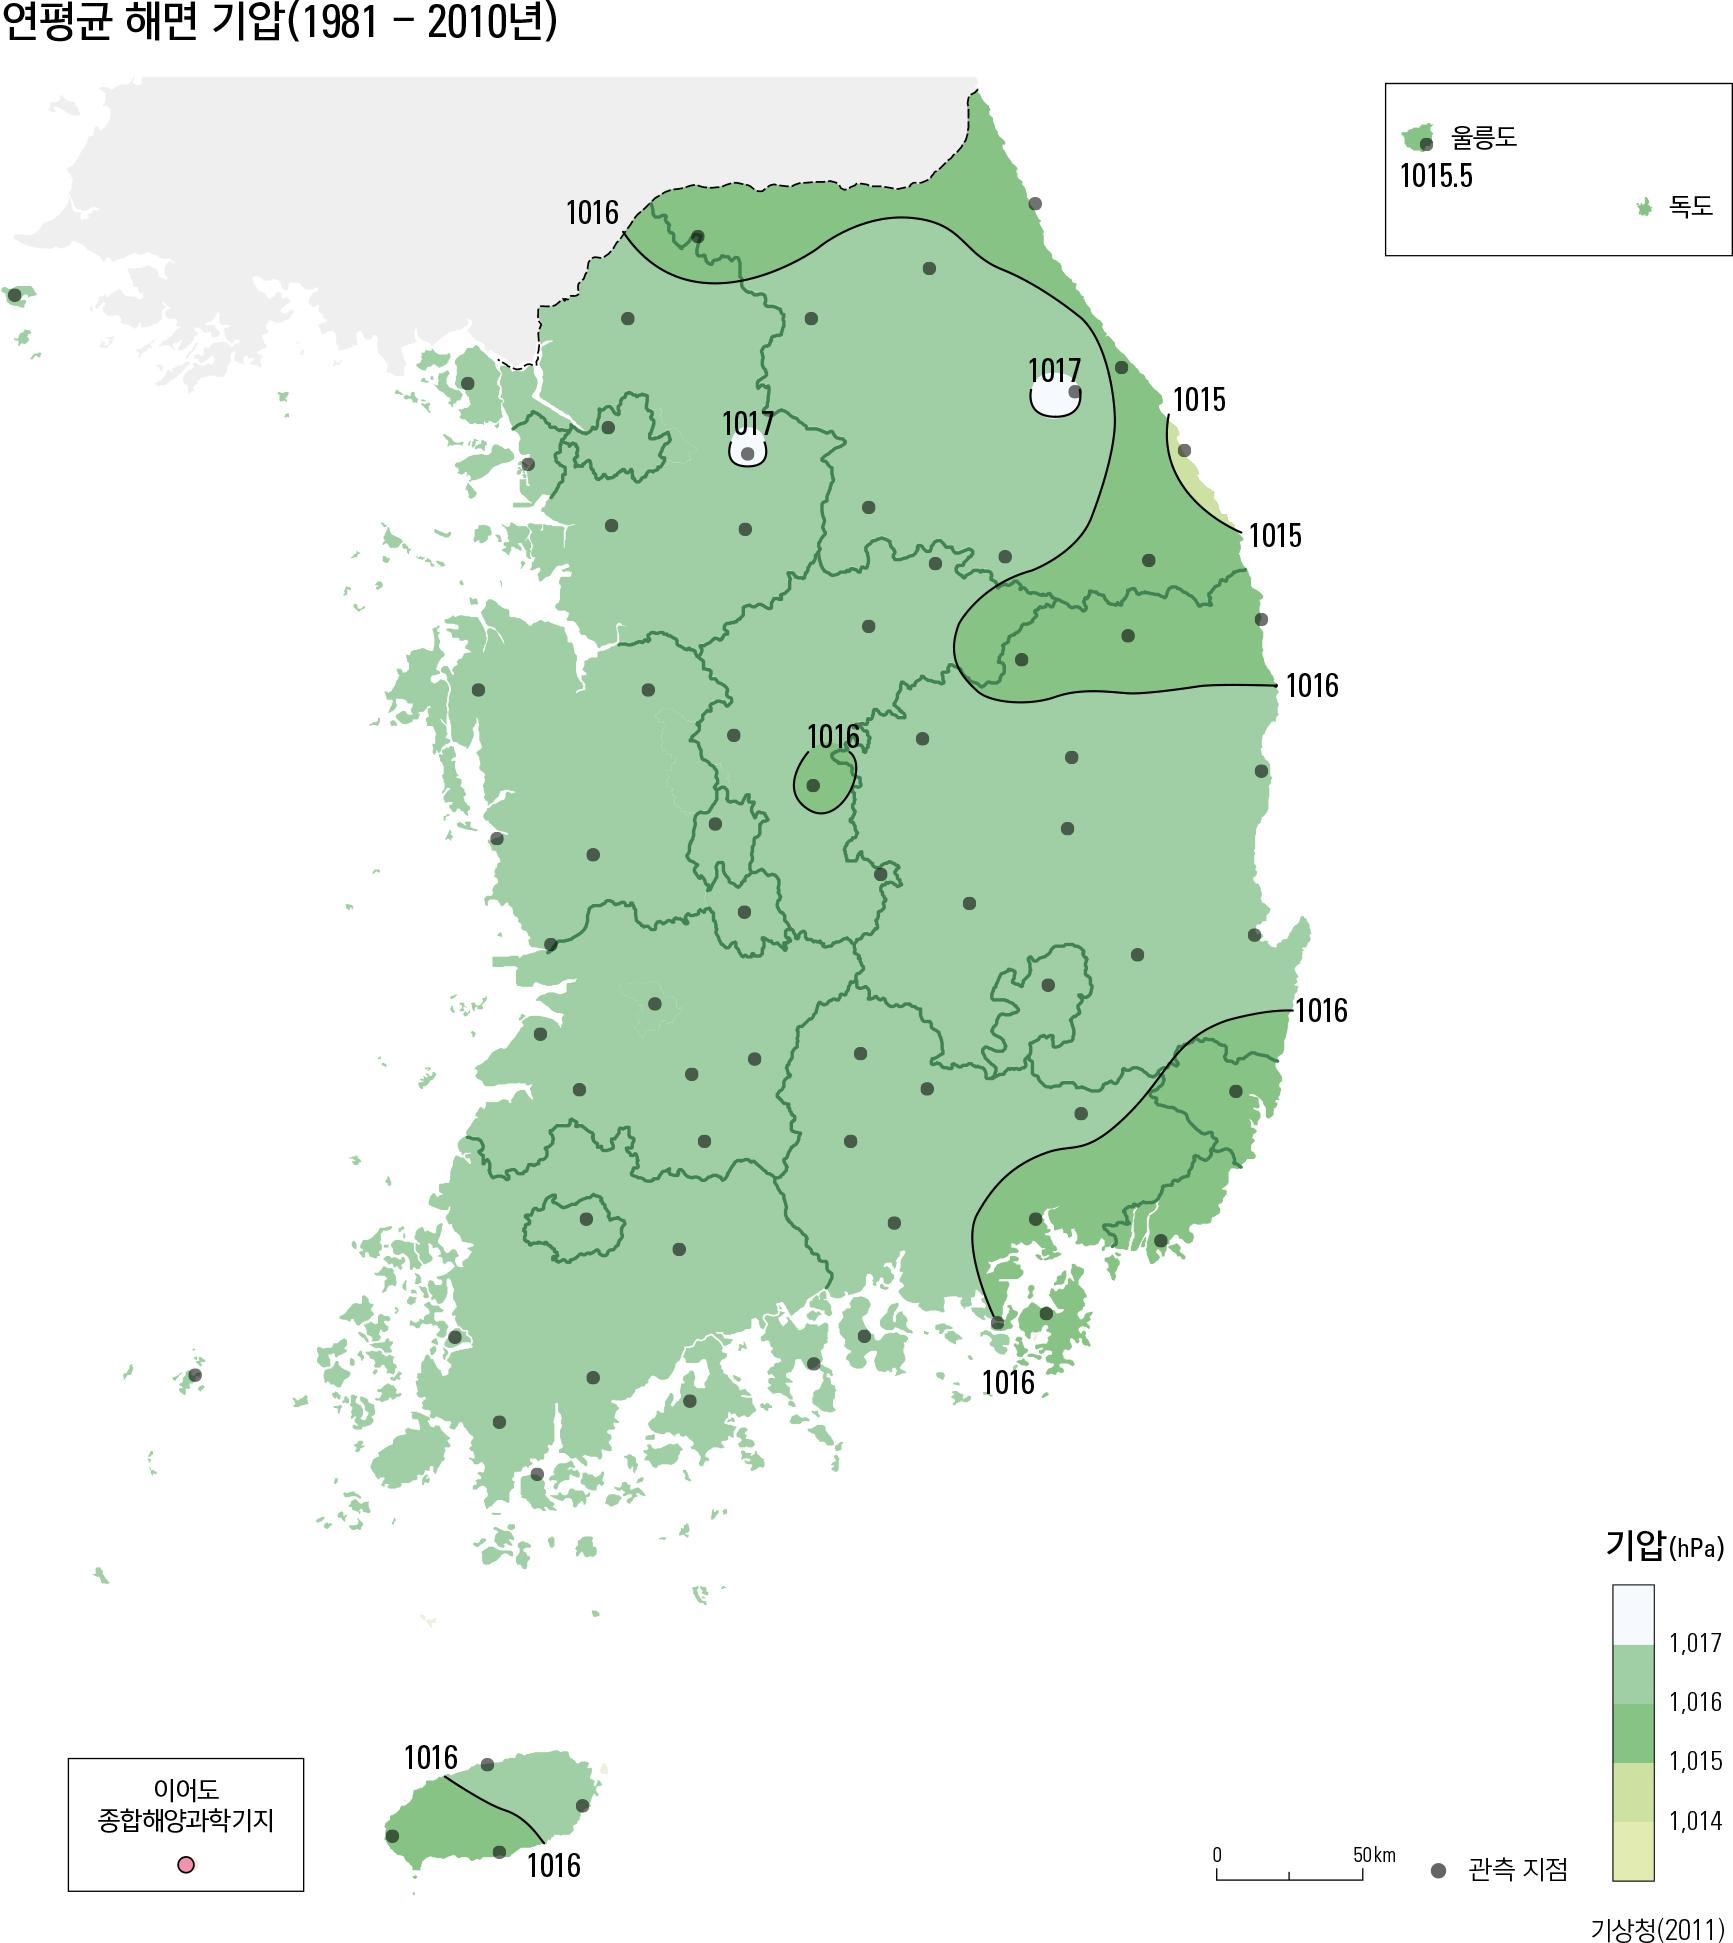 연평균 해면 기압(1981 - 2010년)